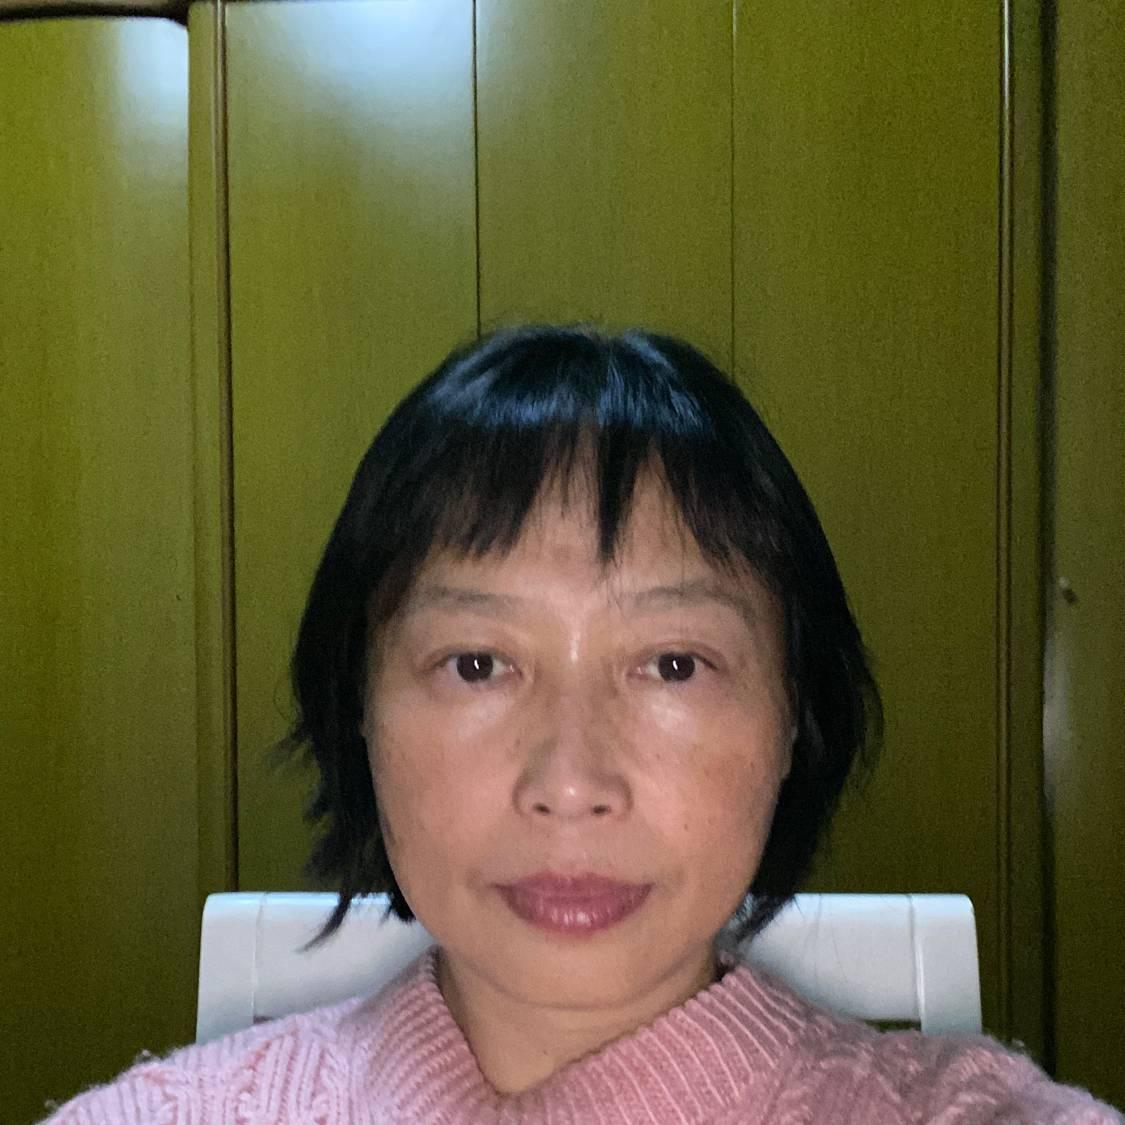 会员096730025的照片